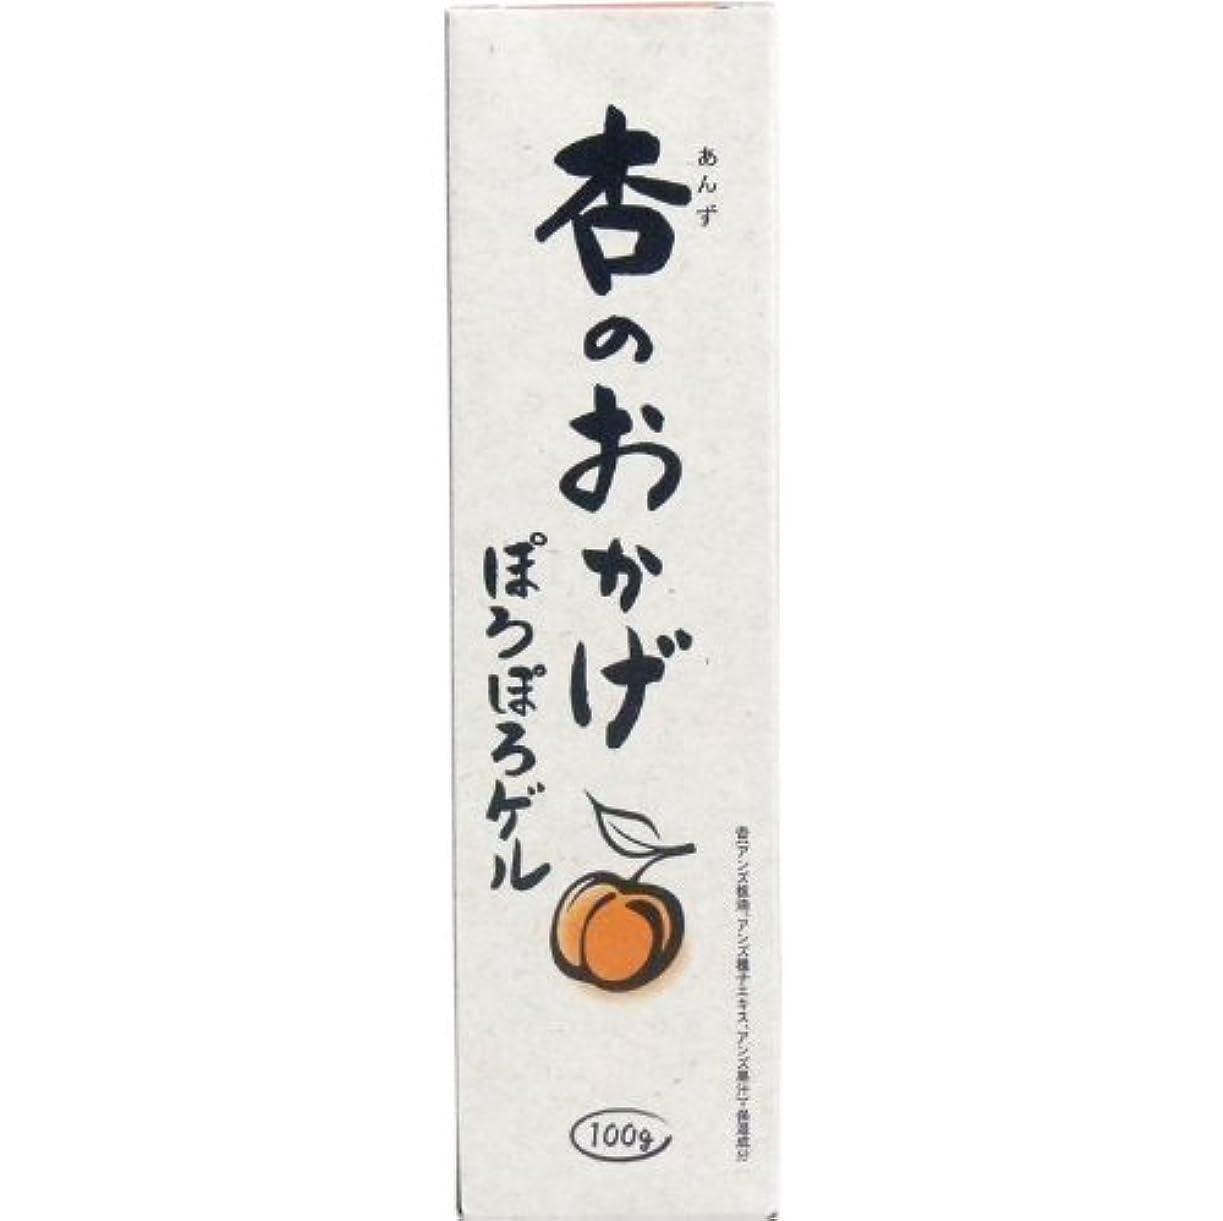 名義で延期する安全性杏のおかげ ぽろぽろゲル 100g【2個セット】